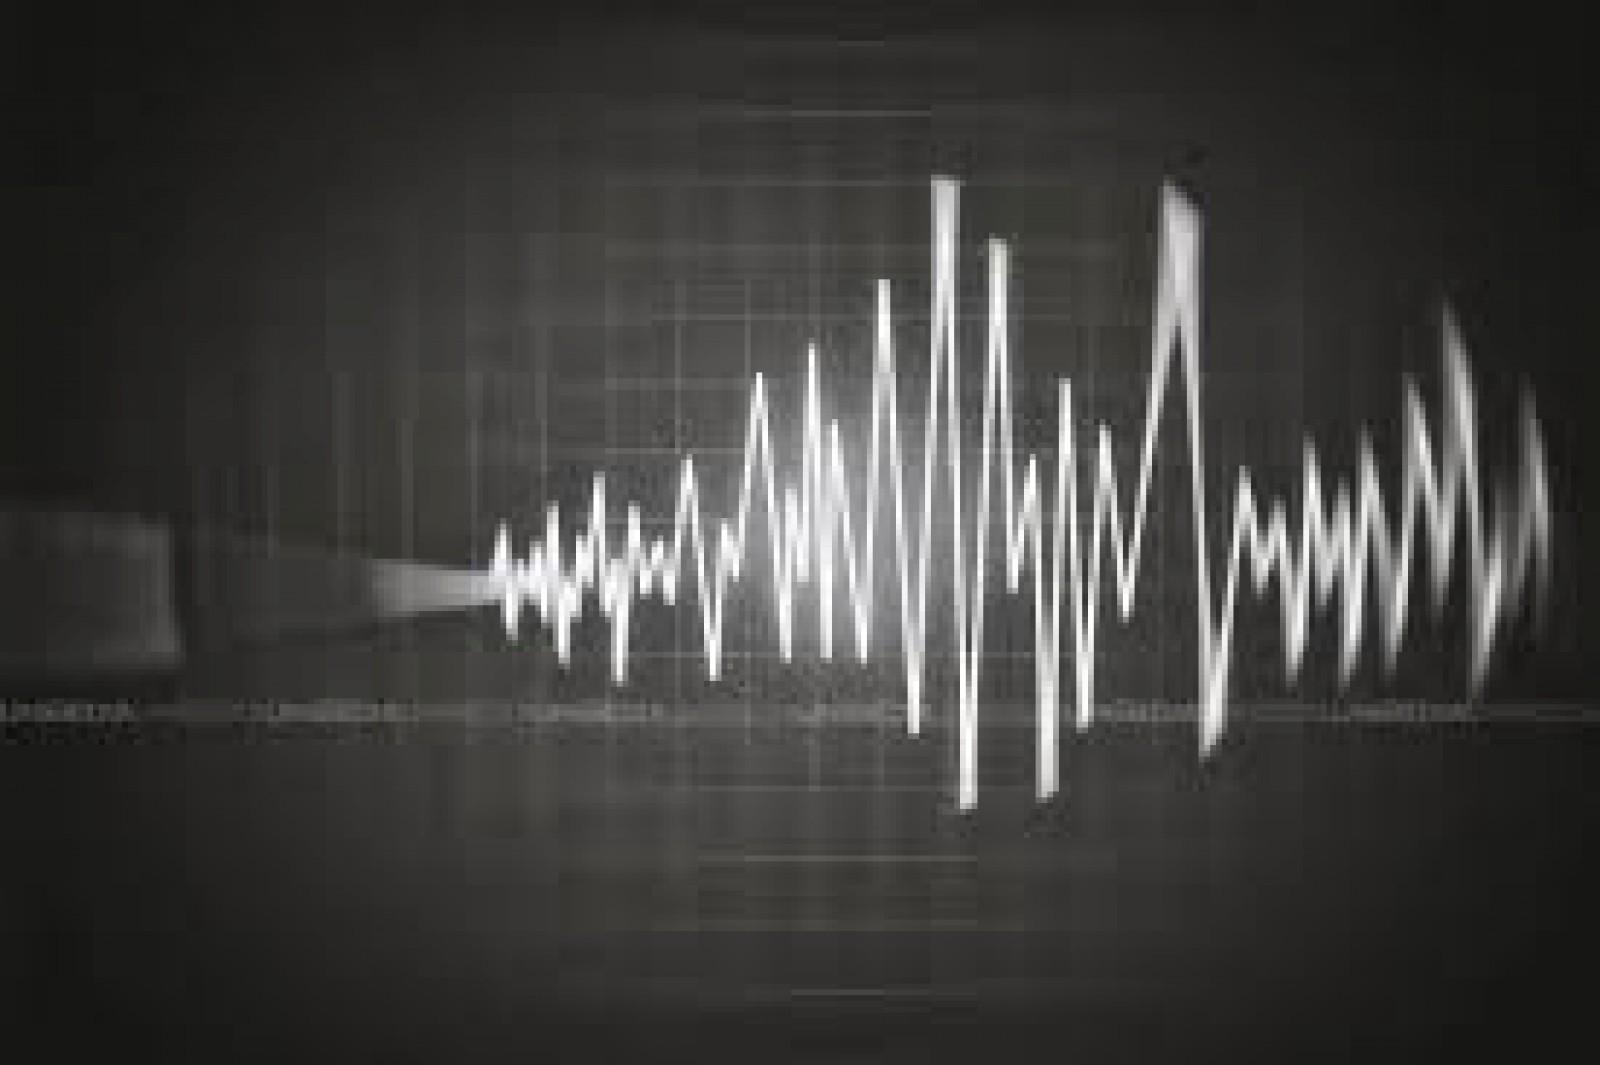 Cutremur în munții Vrancea. S-a simțit și la Chișinău